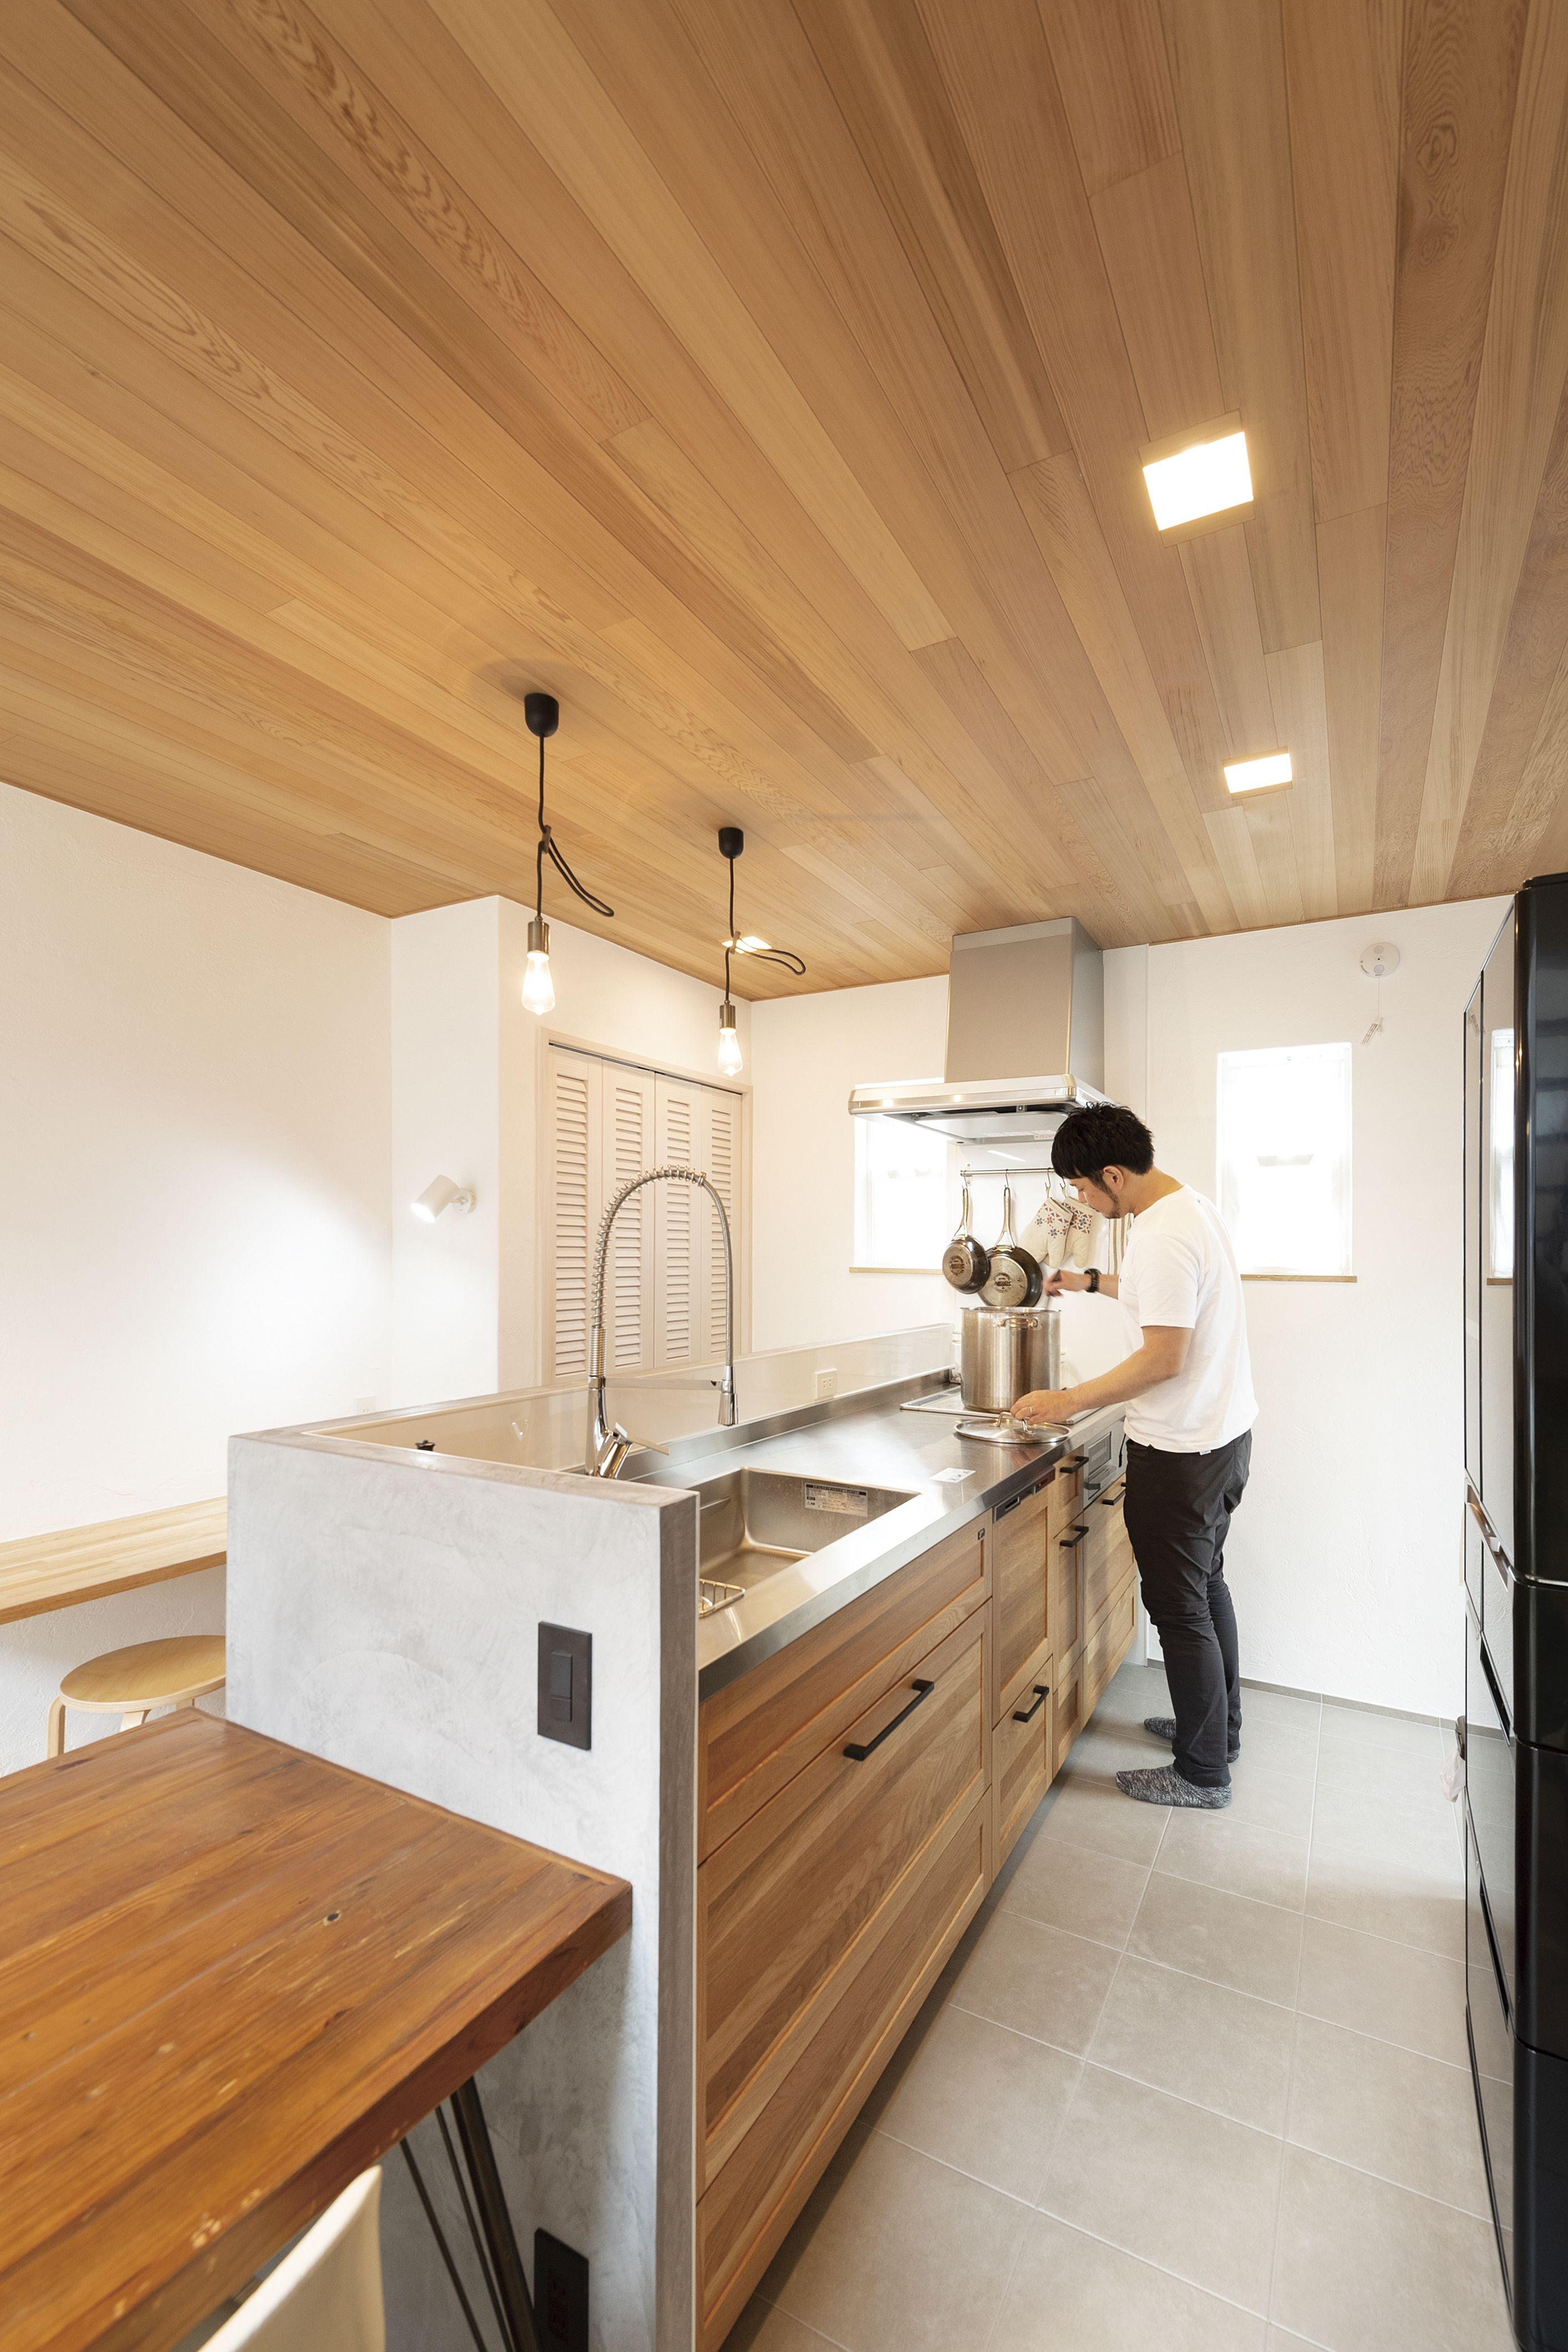 ケース107 本物素材の風合いを感じられる カッコいいお家 キッチン